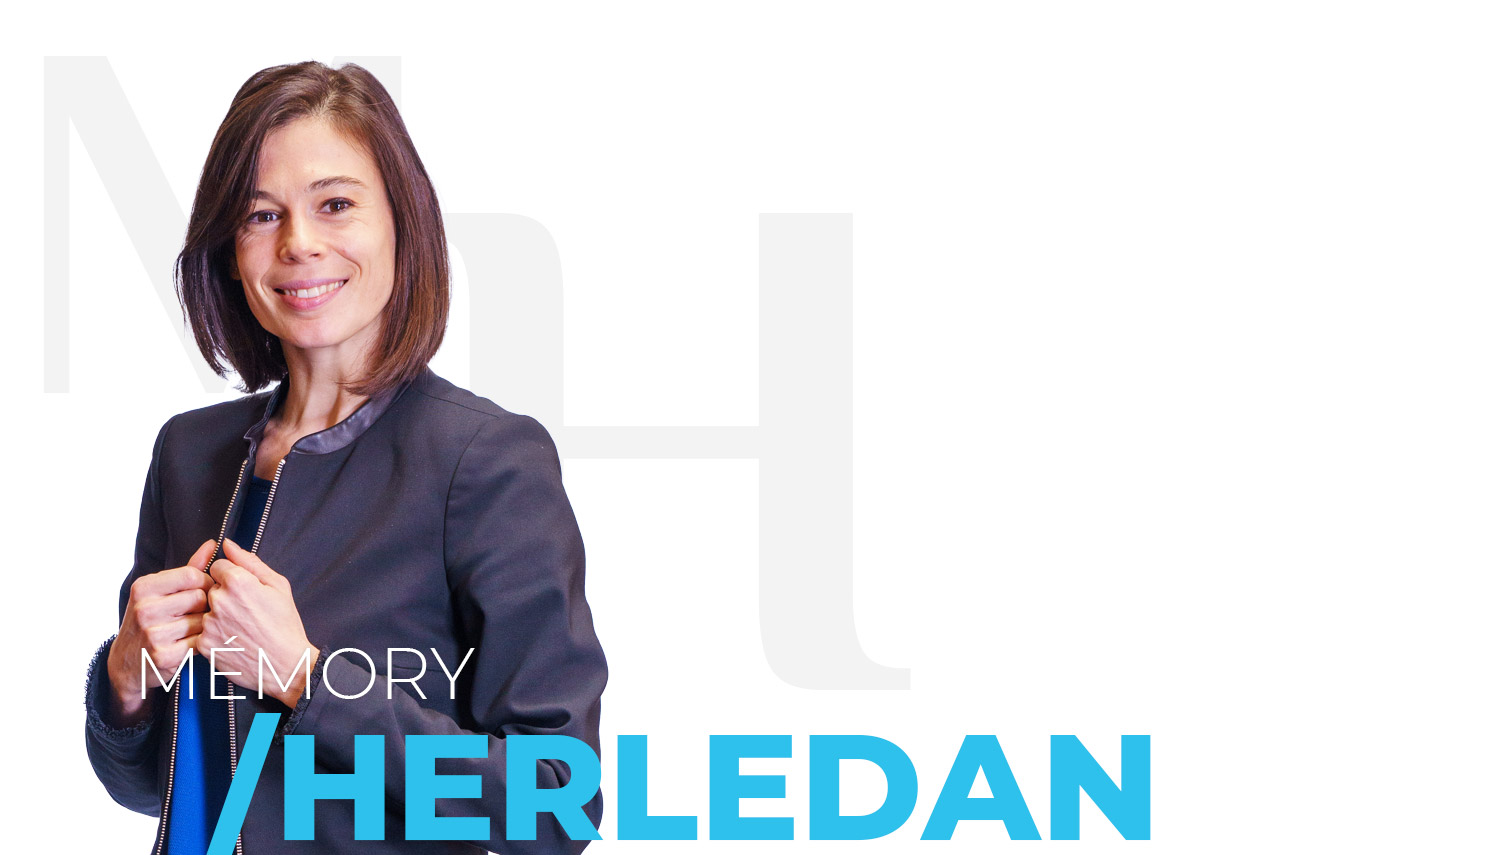 Mémory HERLEDAN